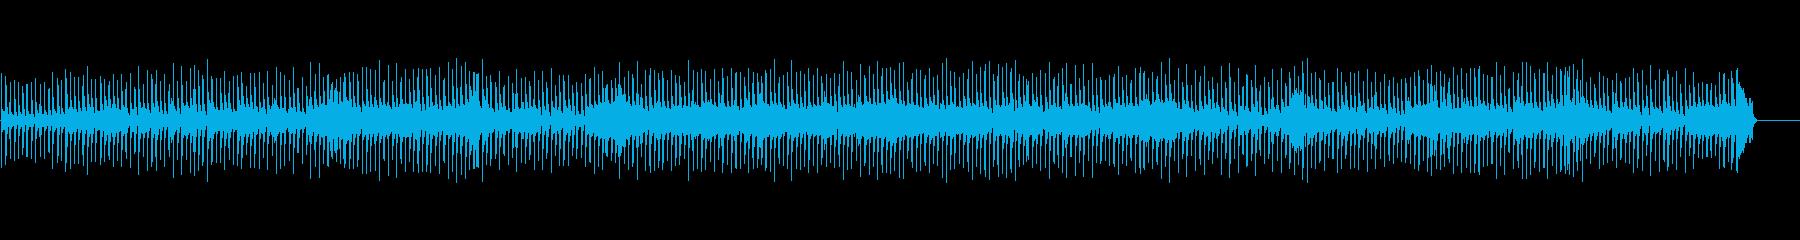 ほのぼのとした雰囲気のピアノ・陽気・軽快の再生済みの波形